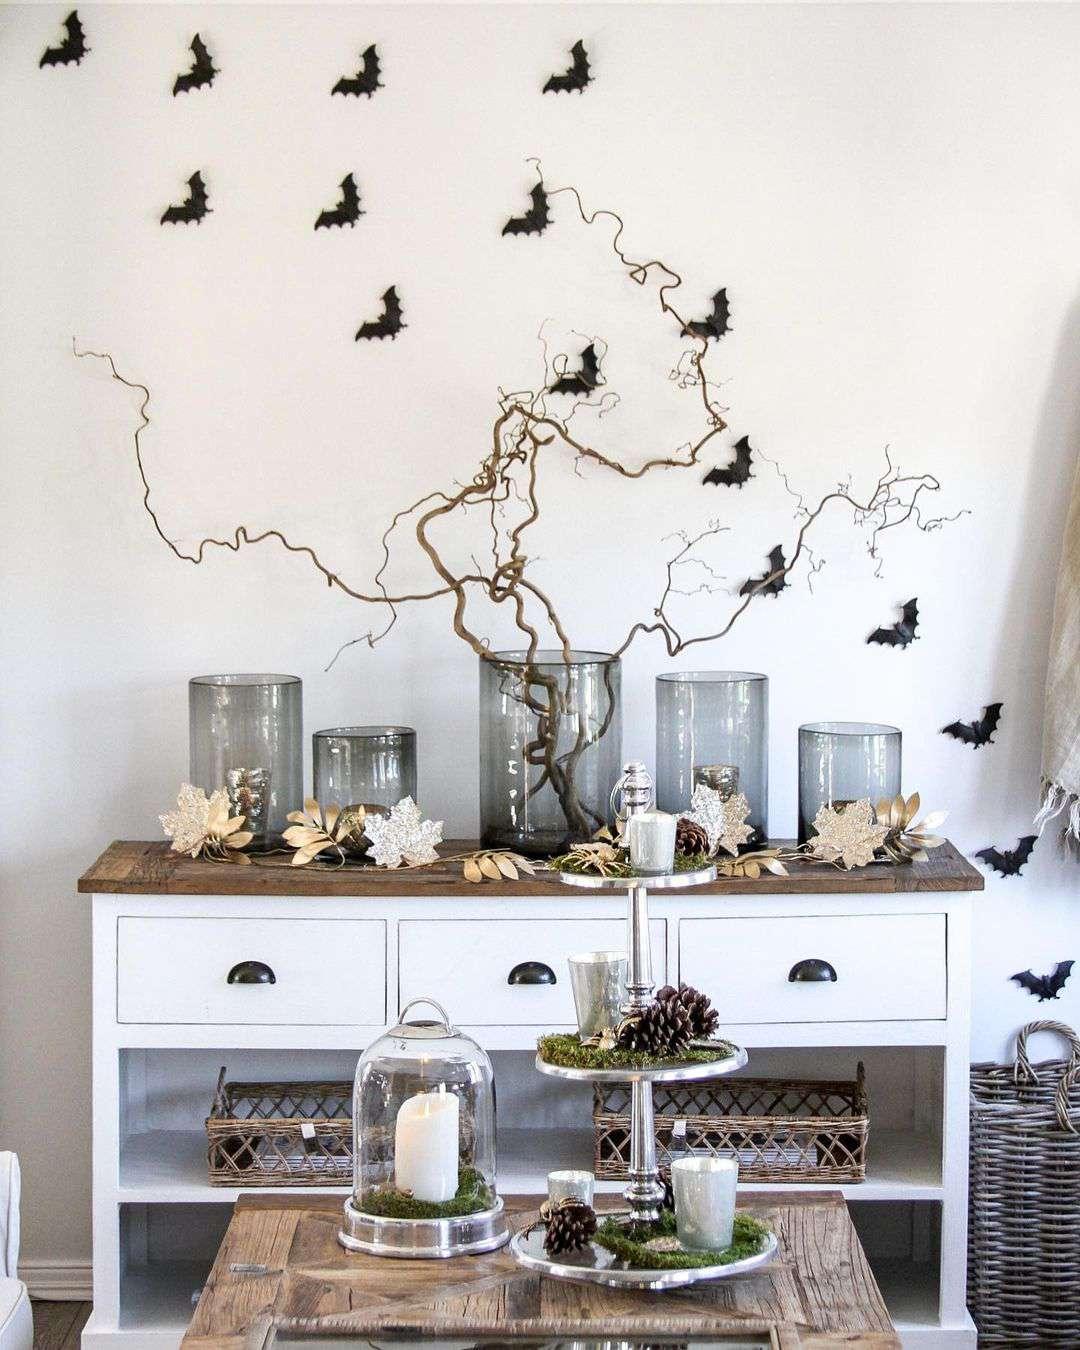 Bats on a wall